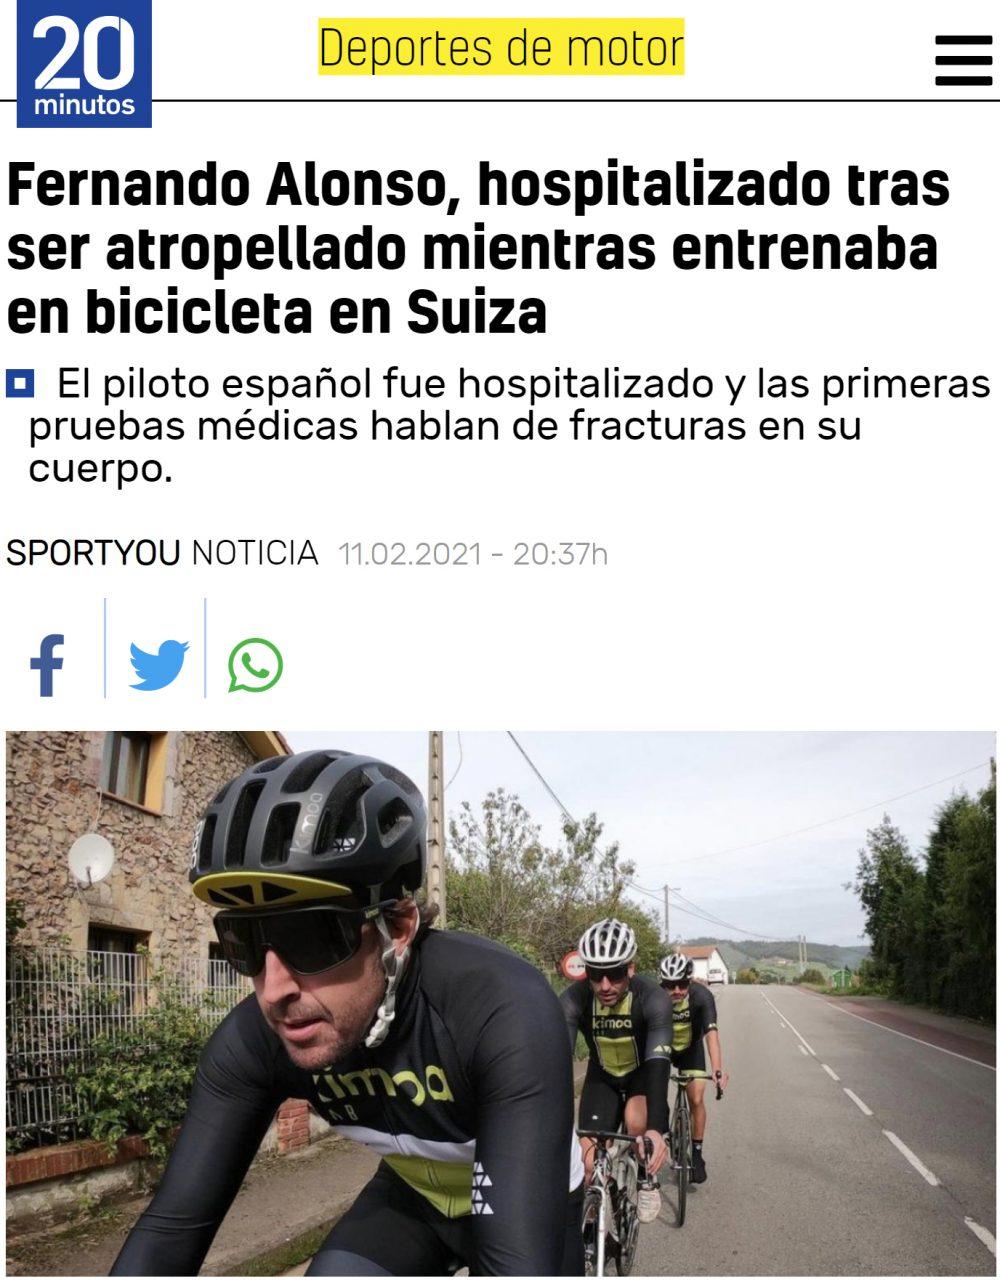 Alonso hospitalizado con varias fracturas tras ser atropellado mientras iba en bici